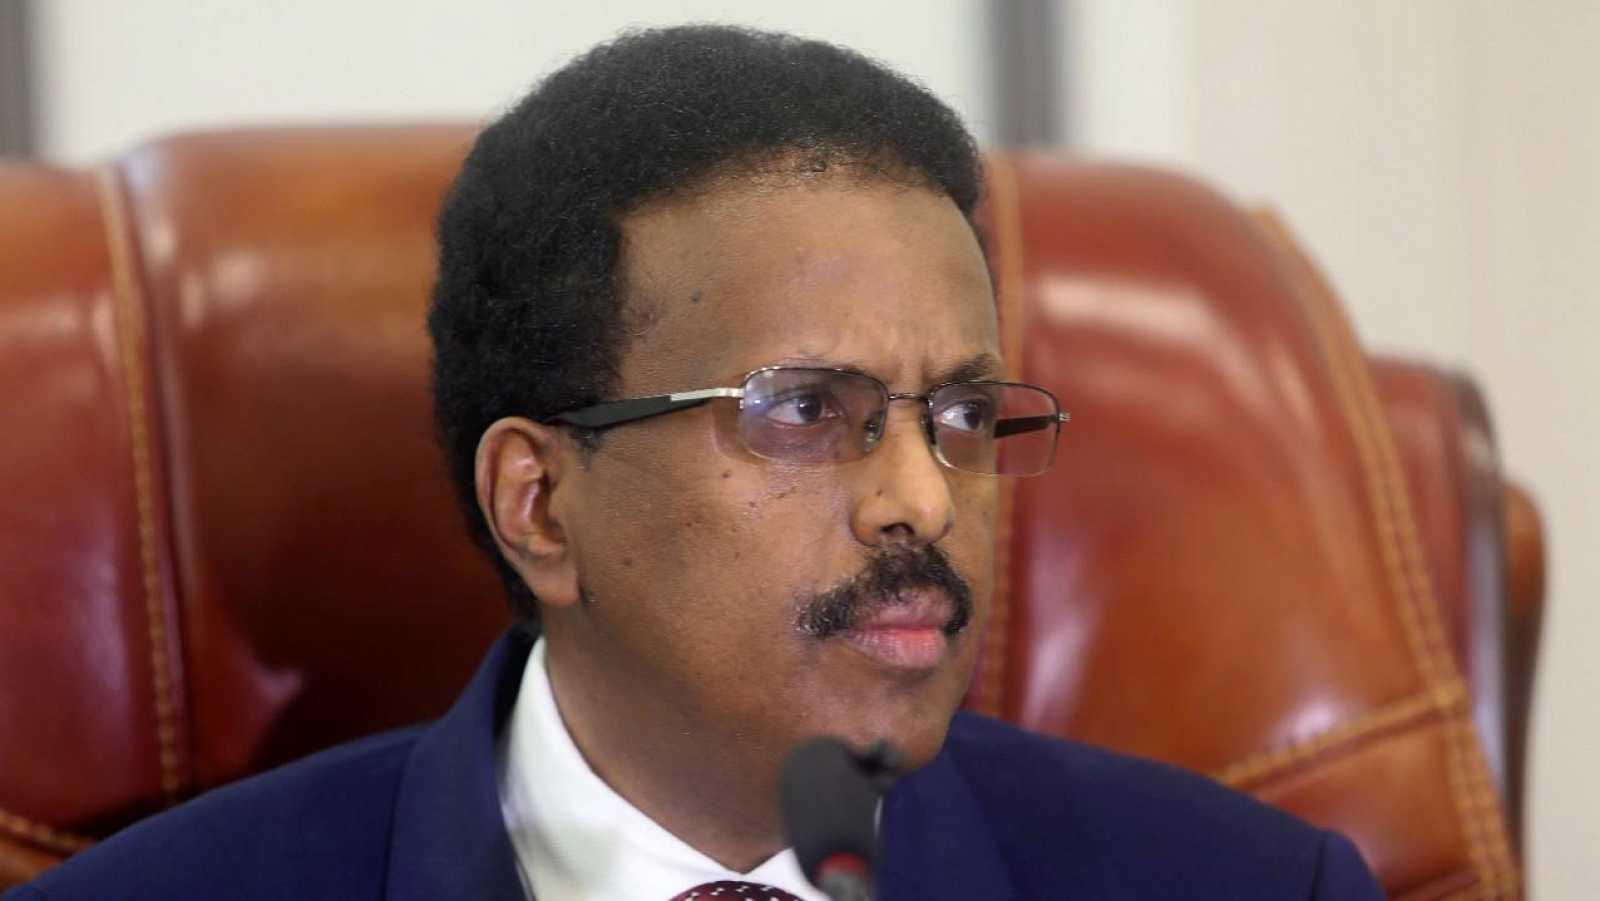 África hoy - En Somalia, la Unión Africana condena la extensión de mandato de Farmajo - 30/04/21 - escuchar ahora